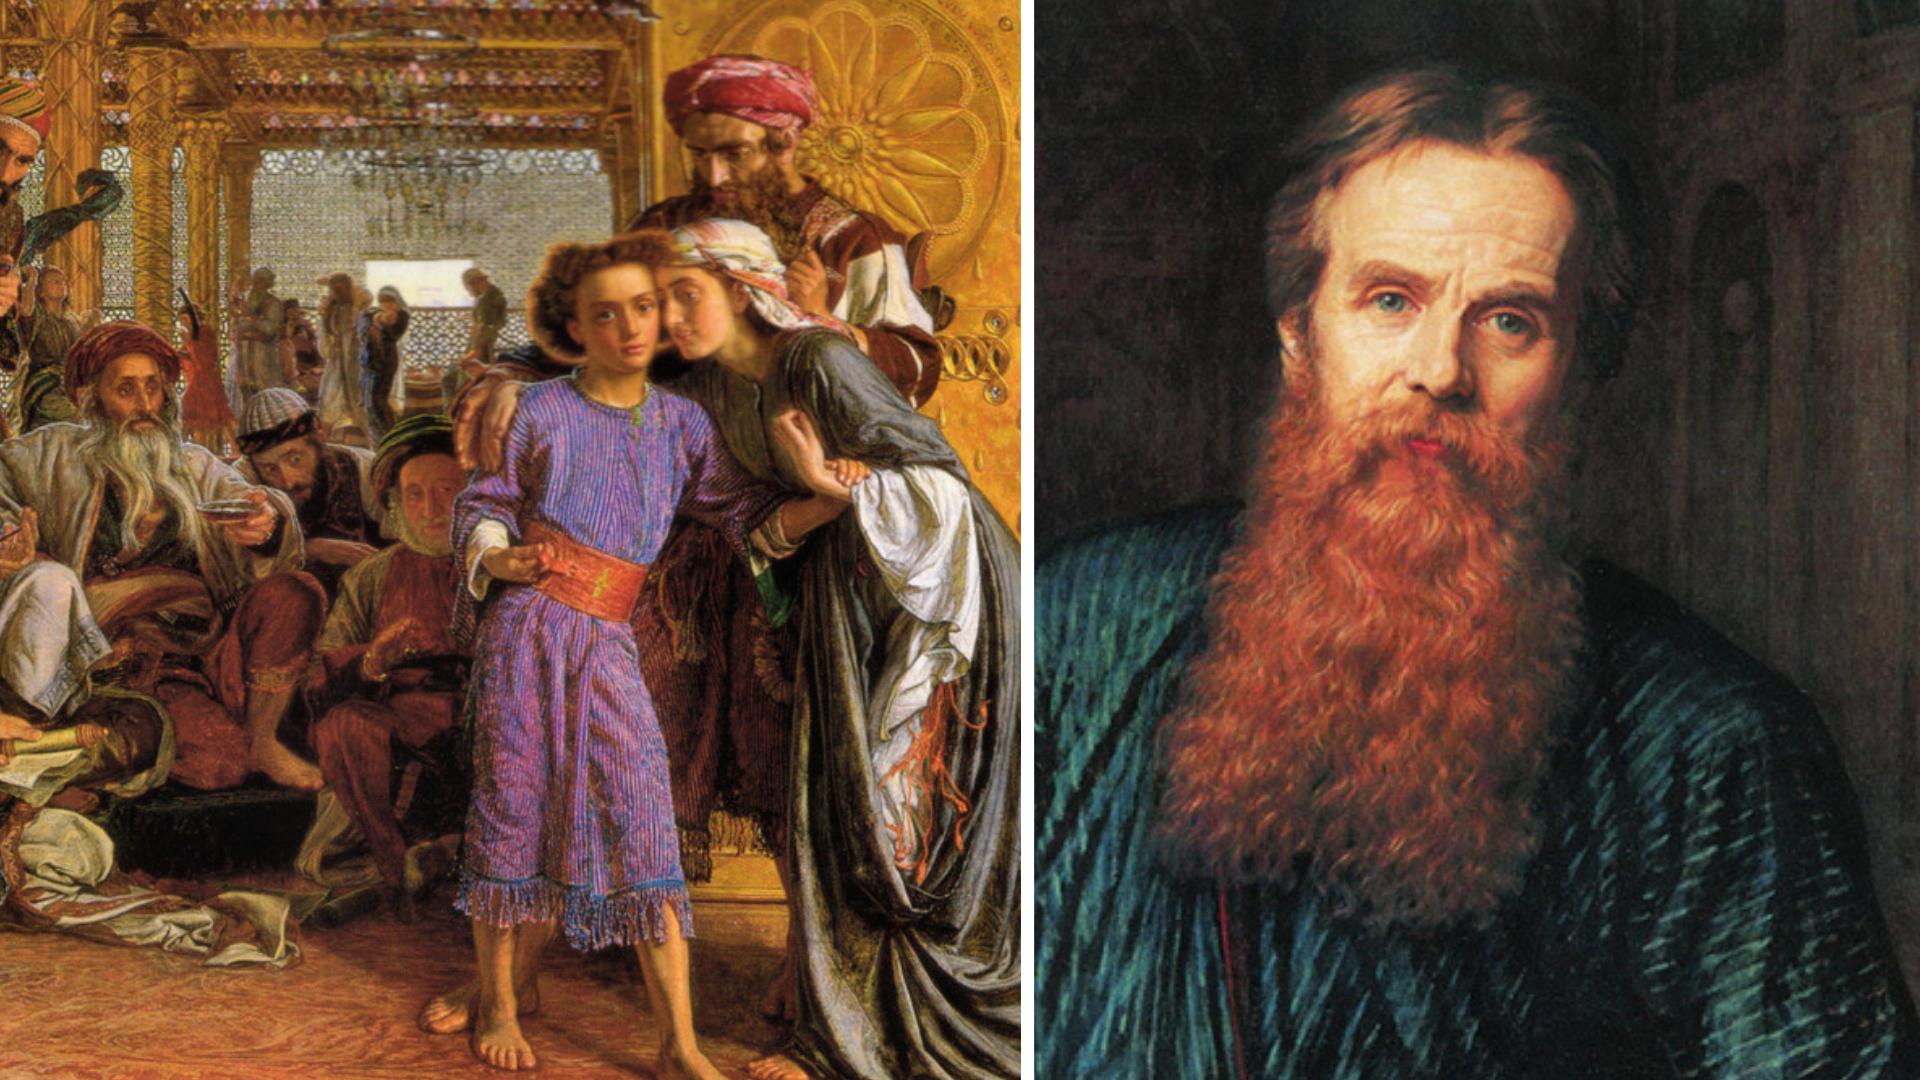 Heróis da Fé: William Holman Hunt retratava as verdades bíblicas em suas telas